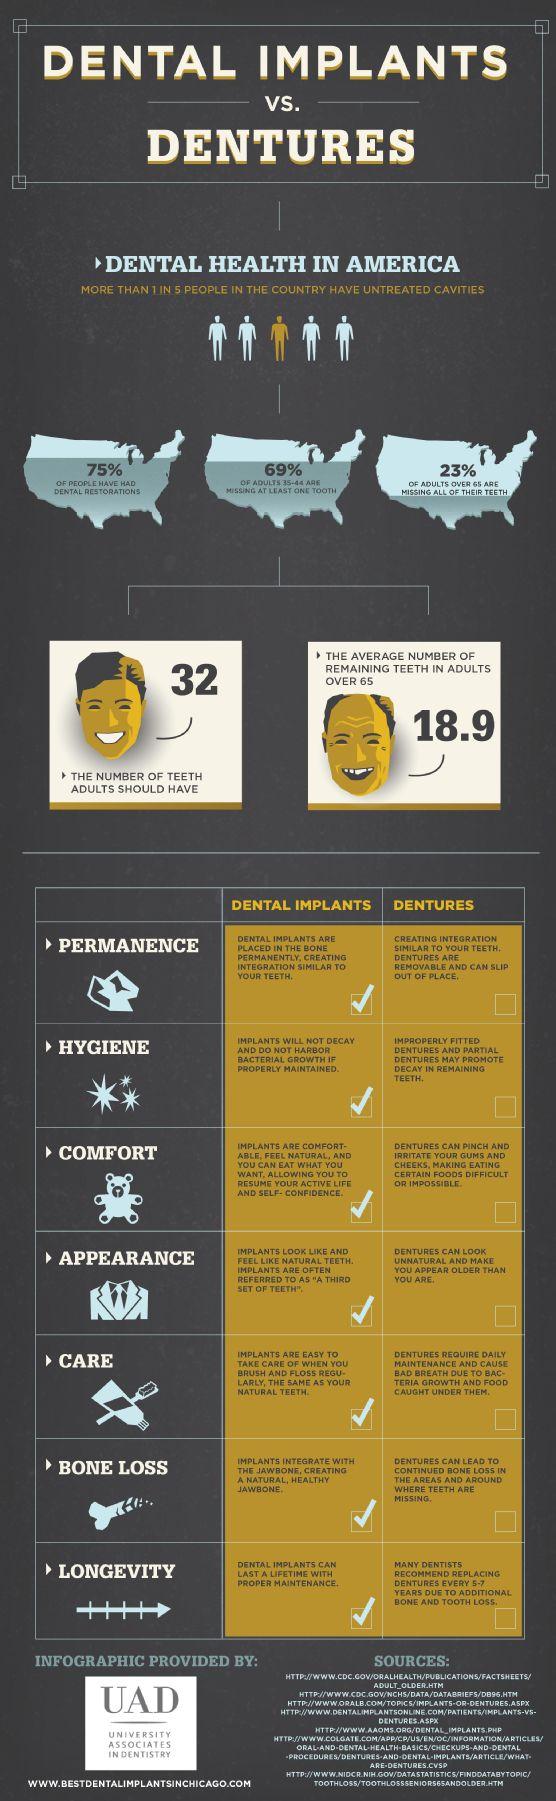 implant infographic